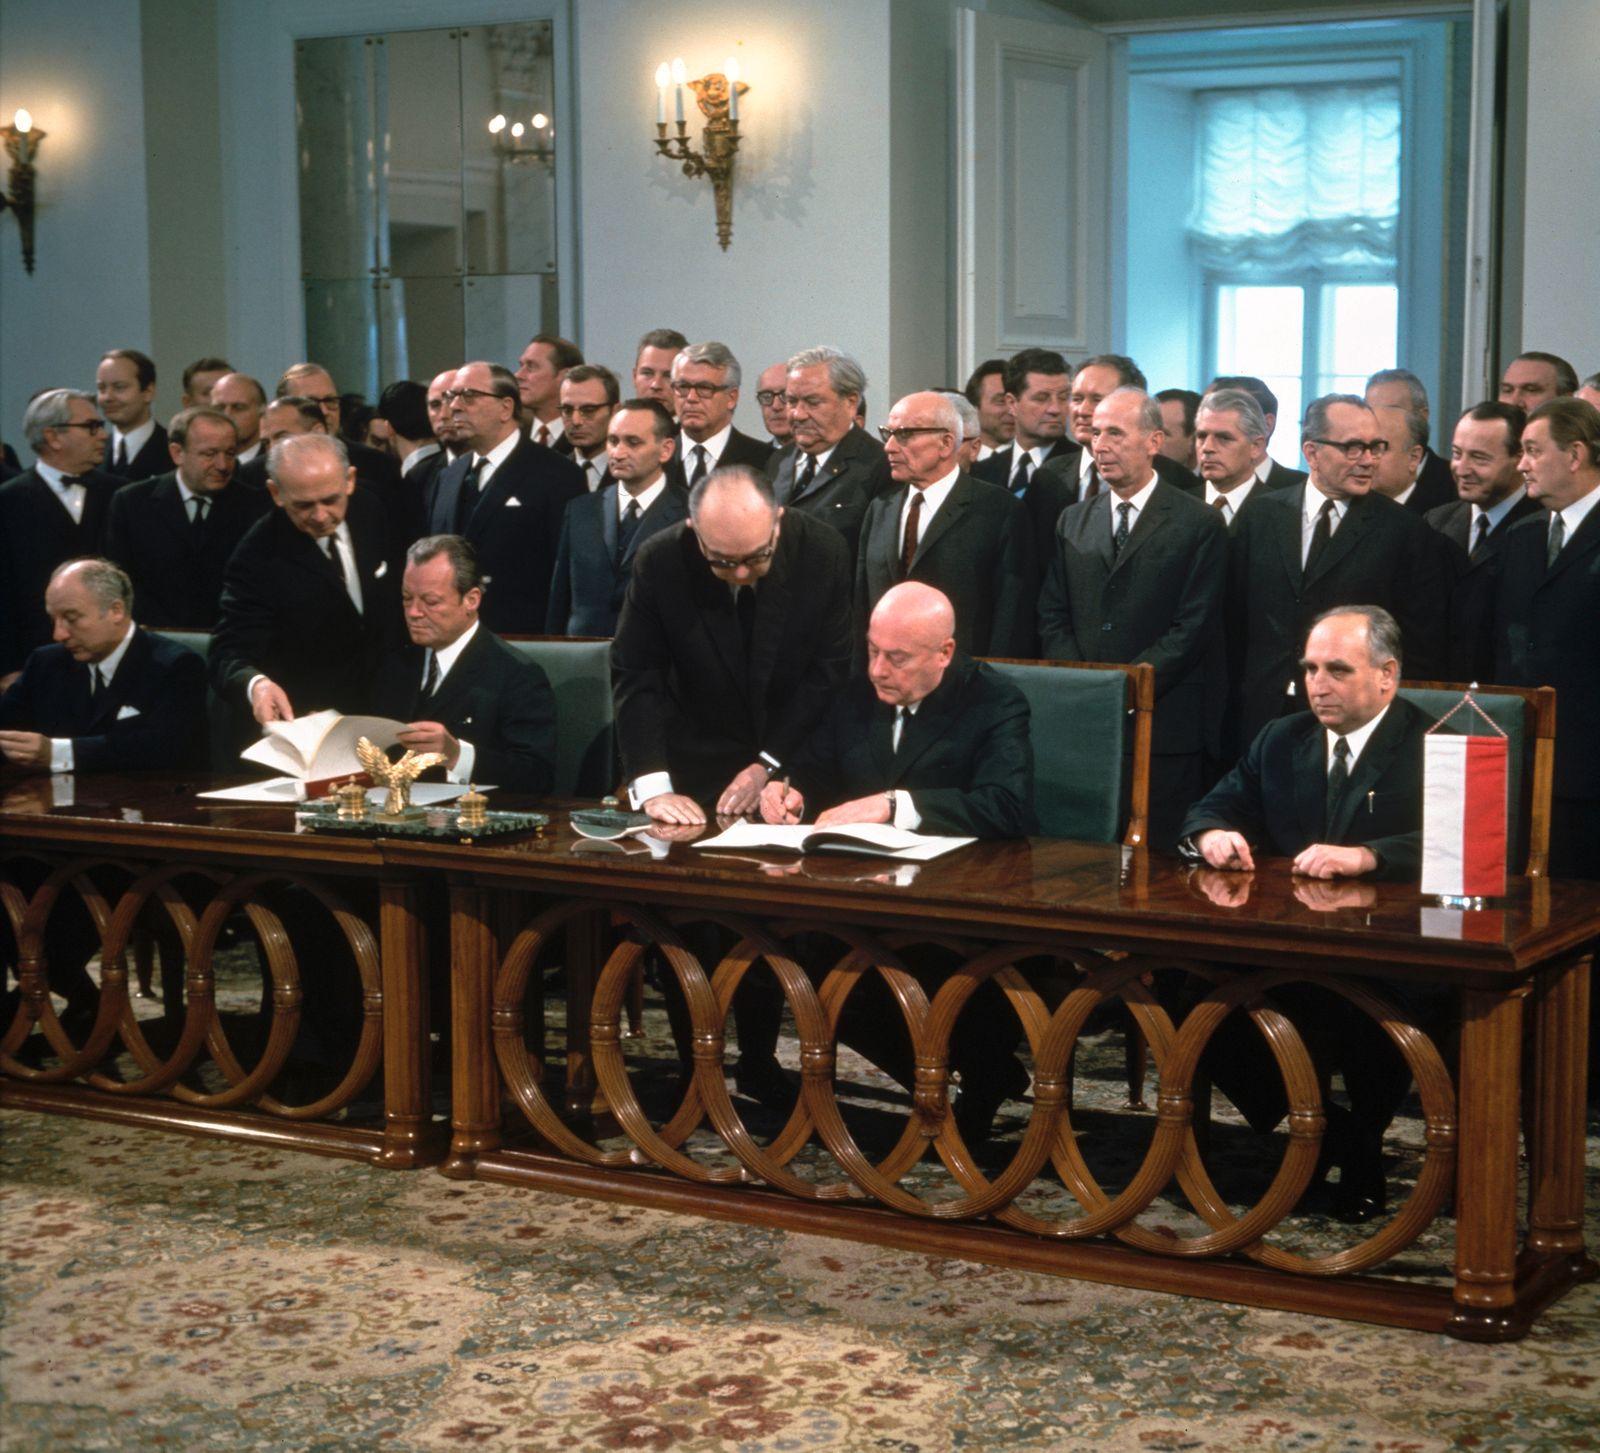 Unterzeichnung des Deutsch-Polnischen Vertrages in Warschau